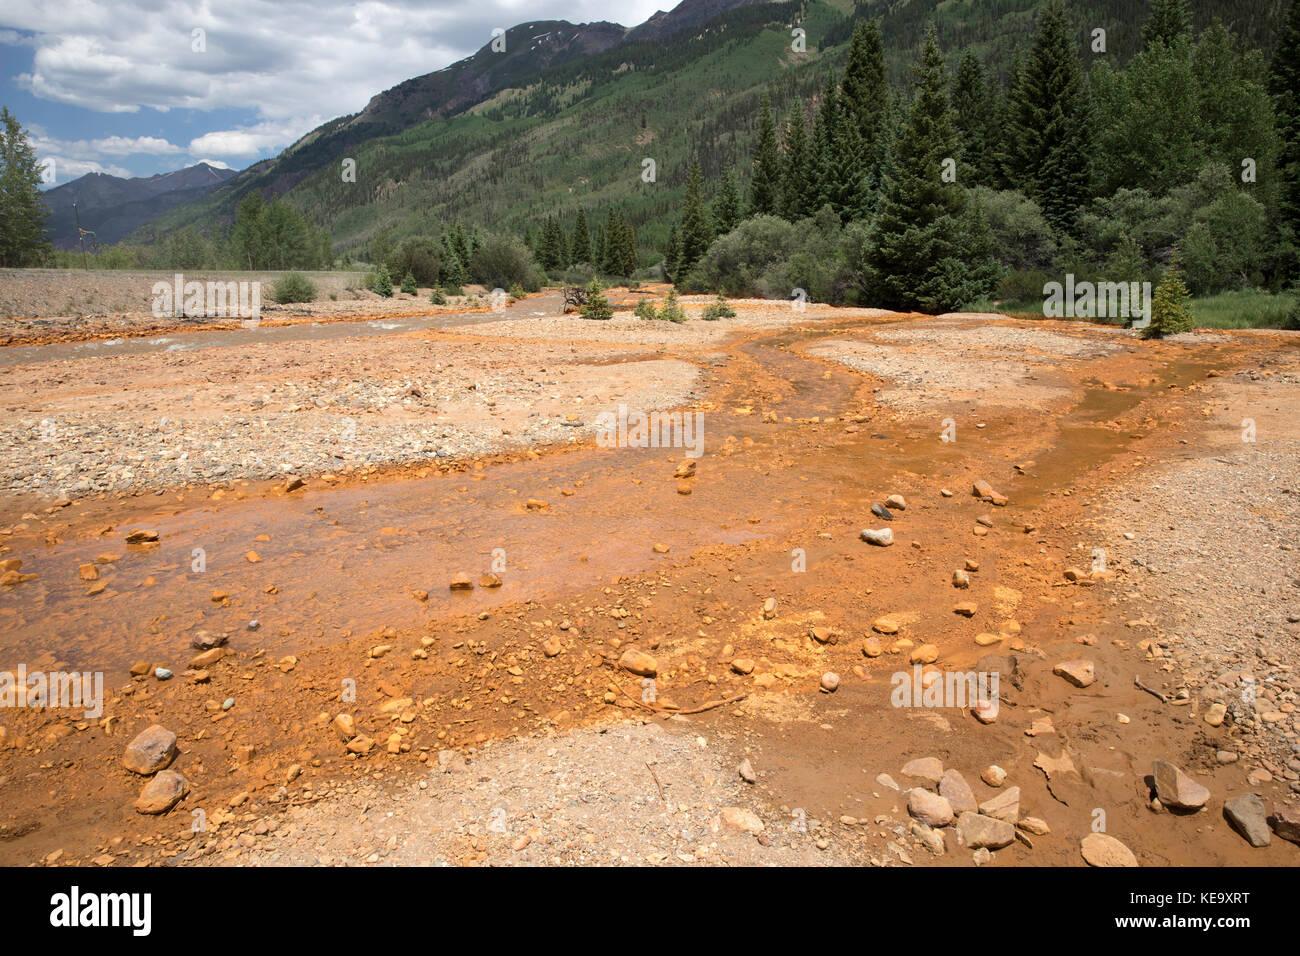 La contaminación del agua, el escurrimiento de la Montaña Roja Mina, Condado de Ouray, Colorado, EE.UU. Imagen De Stock